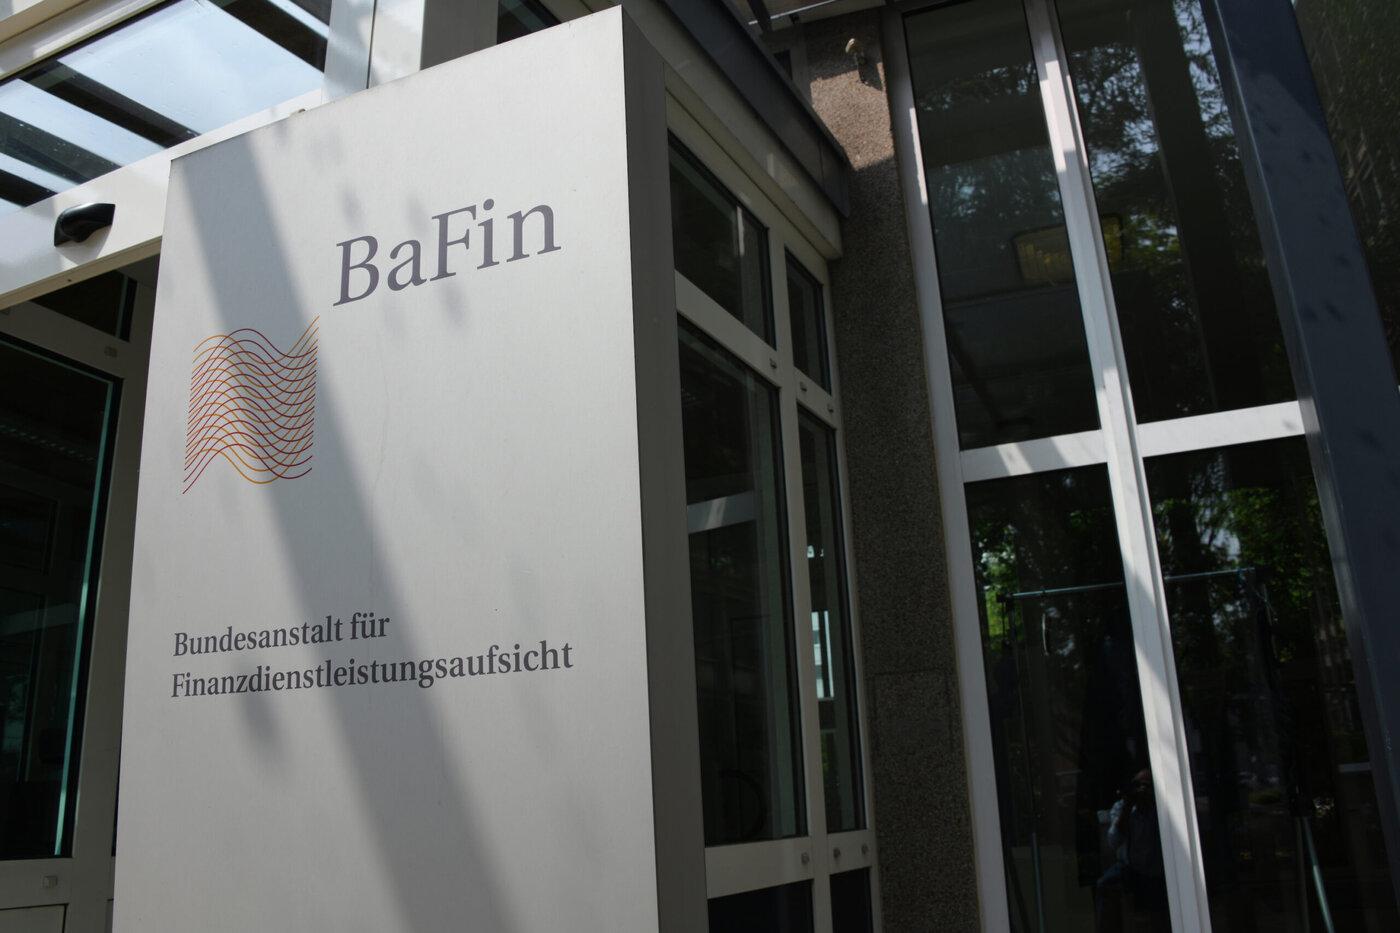 BaFin Germany